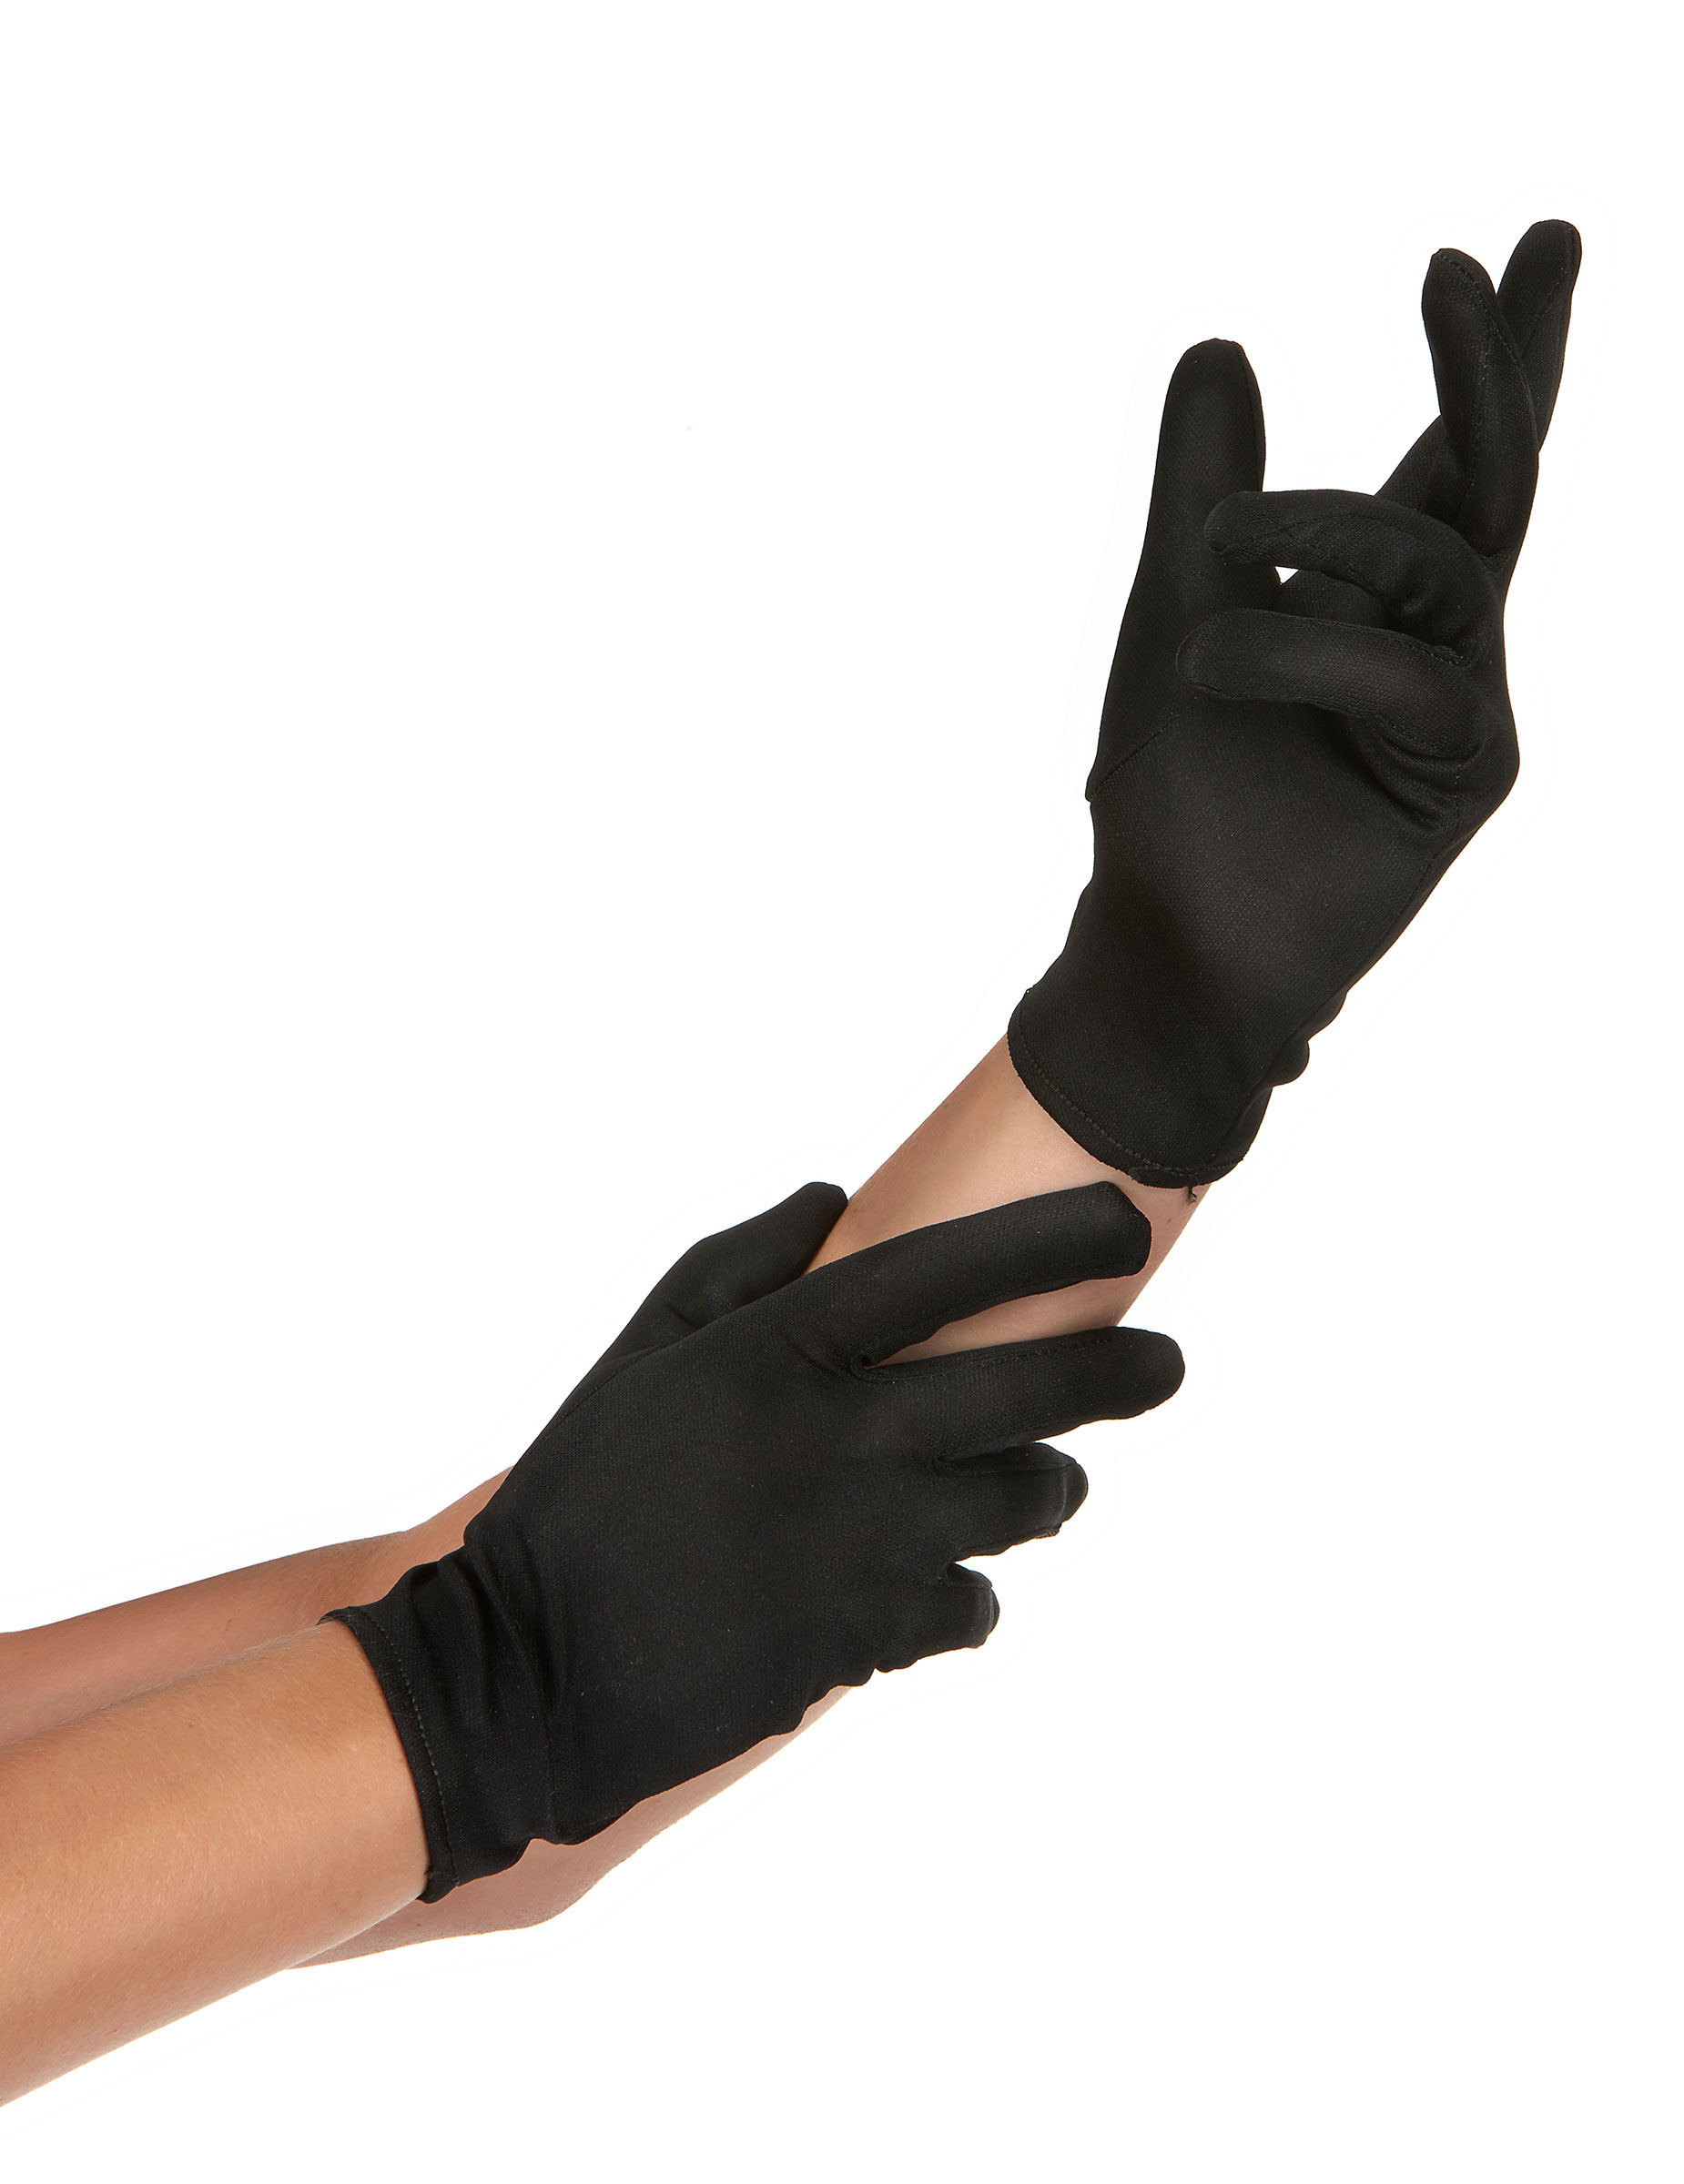 handschuhe schwarz f r erwachsene accessoires und g nstige faschingskost me vegaoo. Black Bedroom Furniture Sets. Home Design Ideas